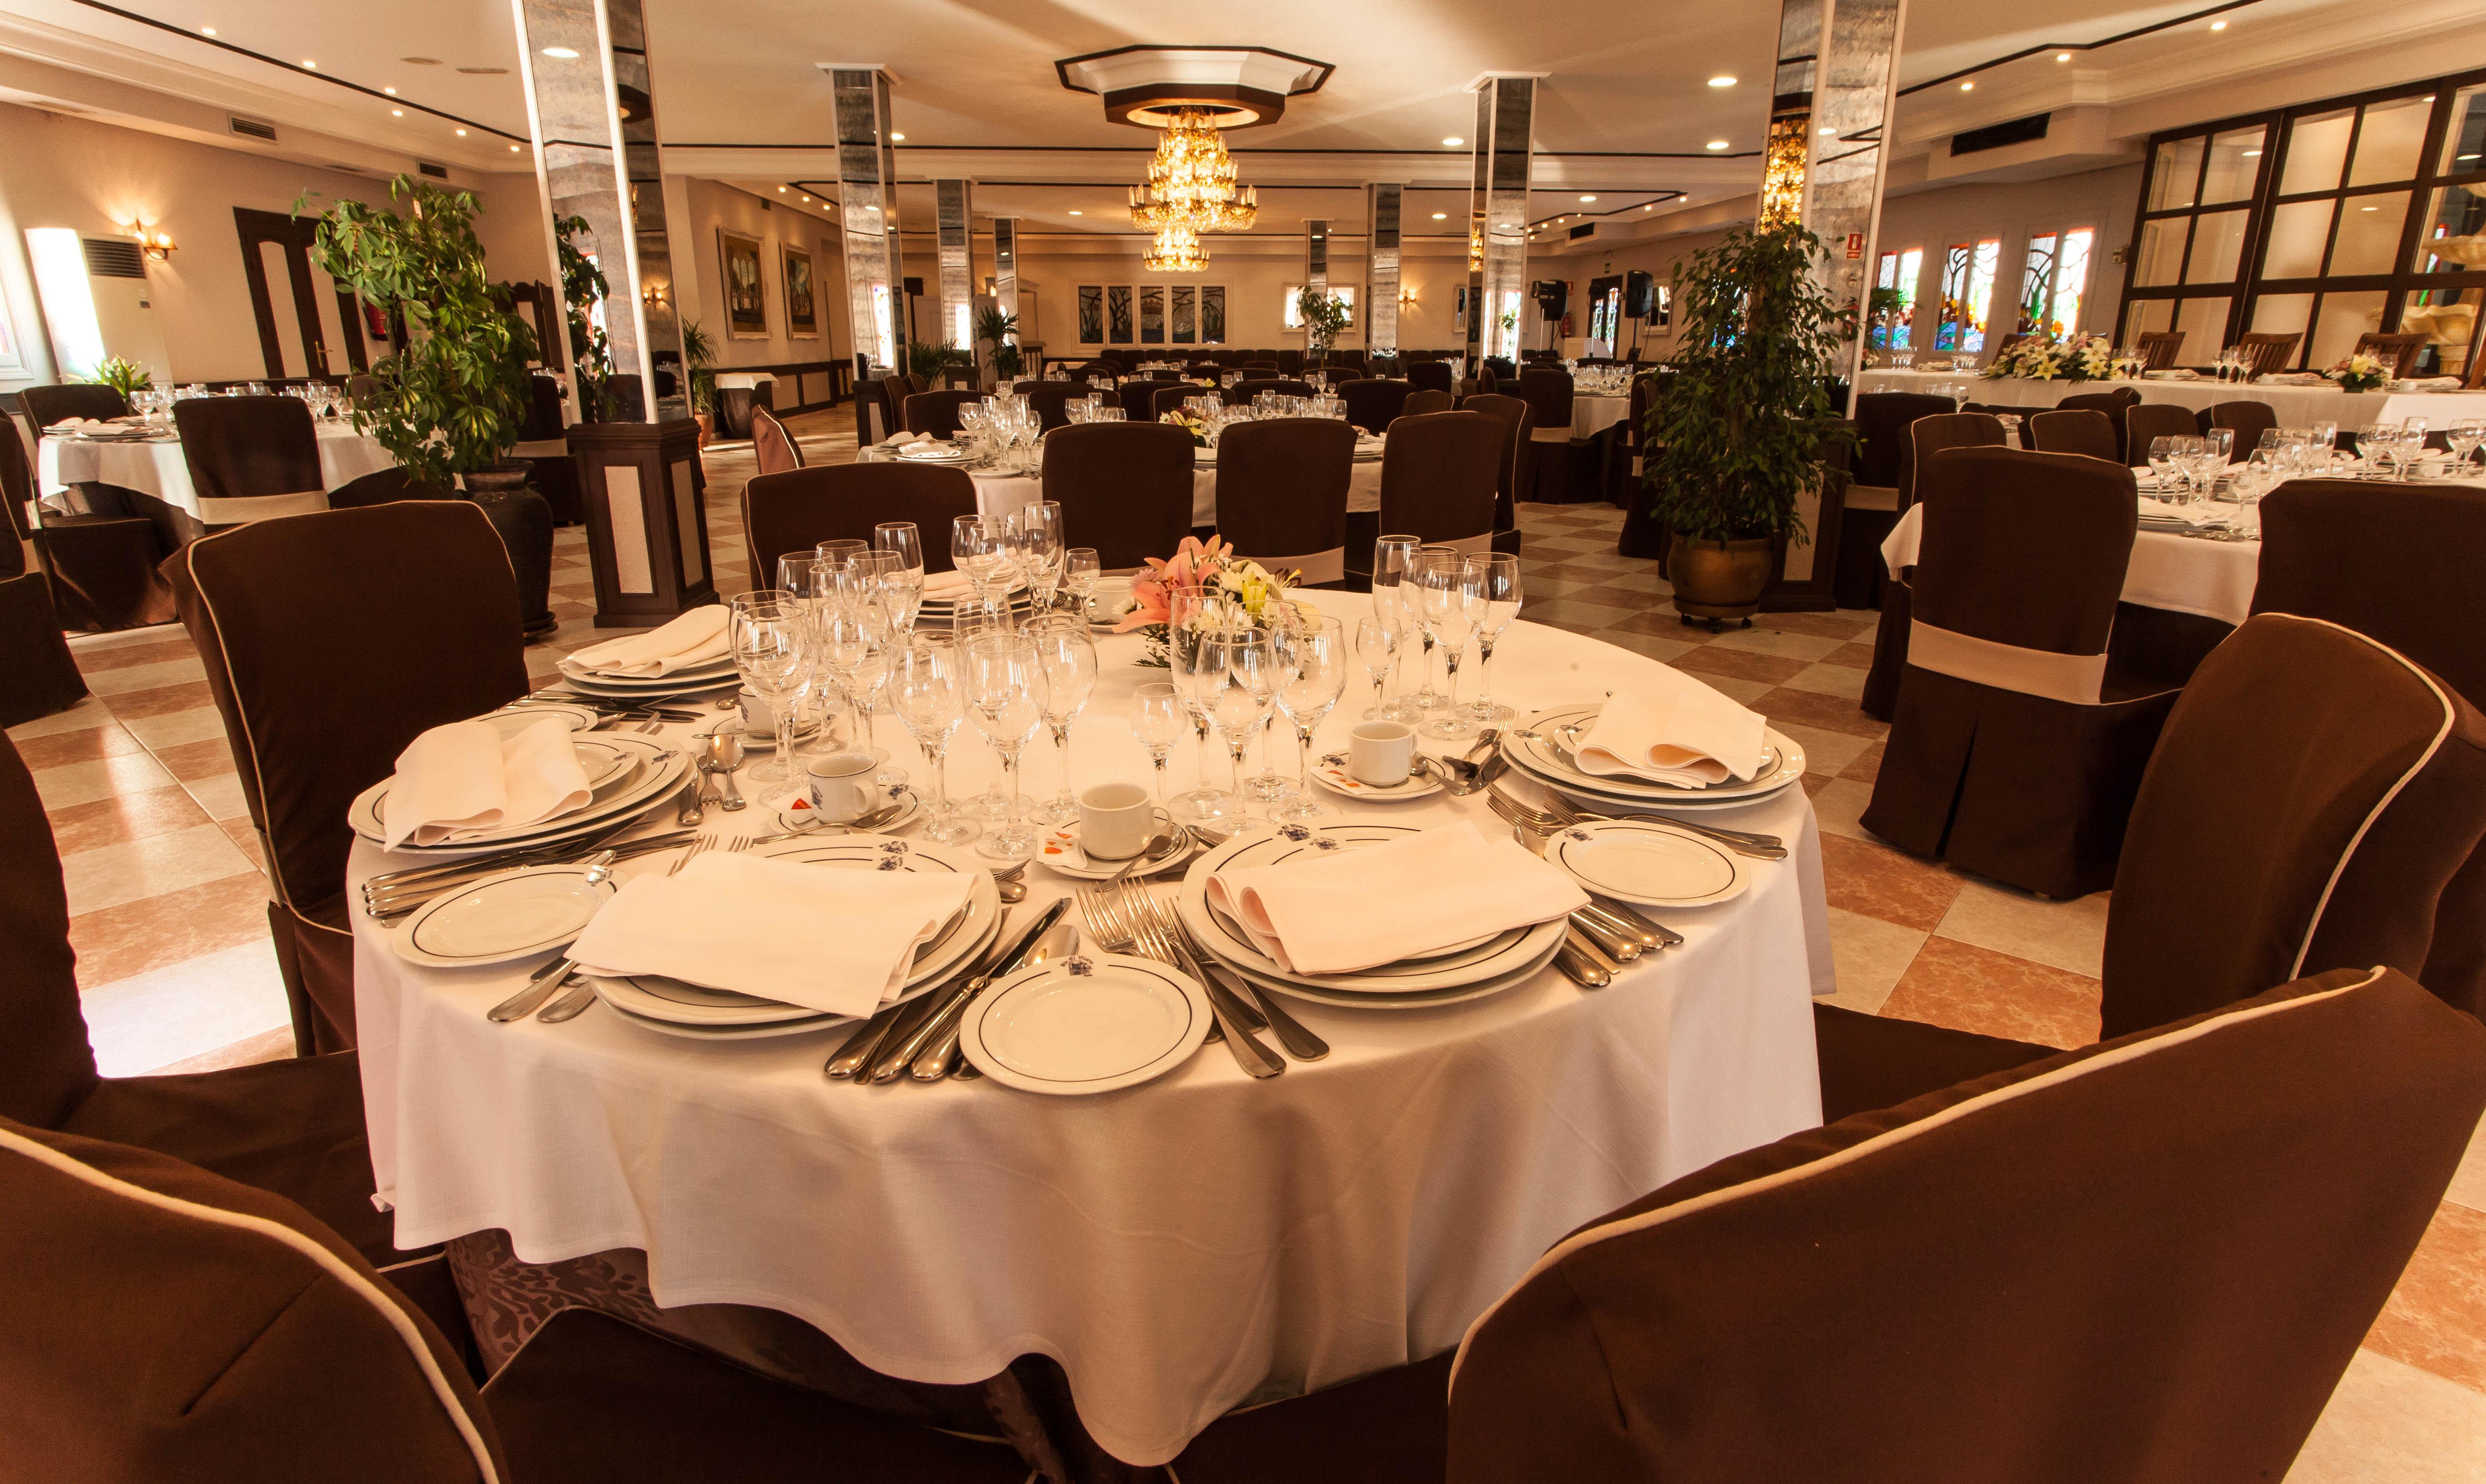 Instalaciones restaurante finca el vivero for Vivero online madrid